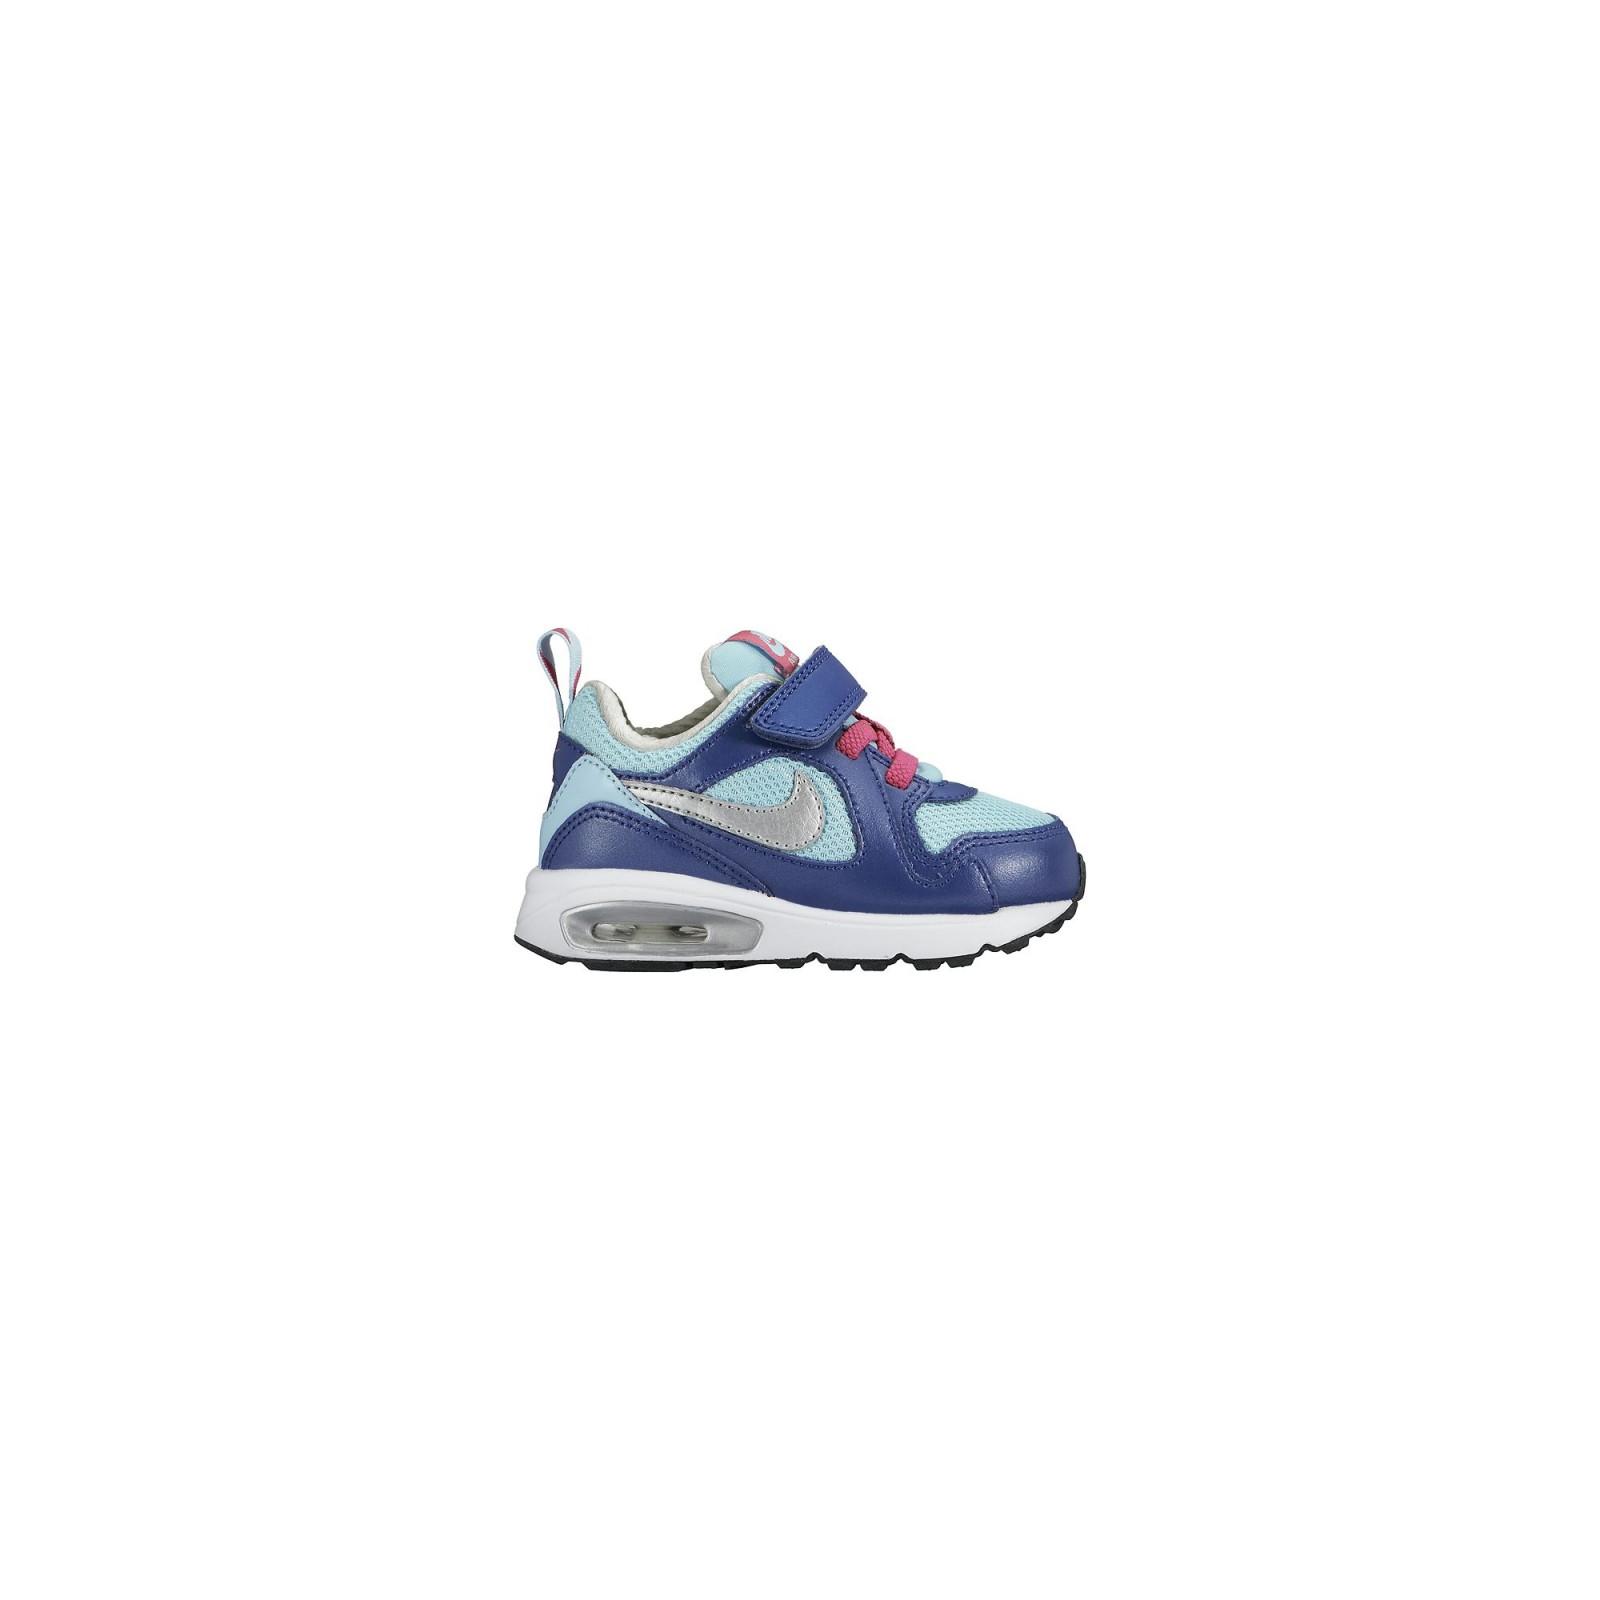 Dětské boty Nike AIR MAX TRAX (TDV)  cf9abb5b731